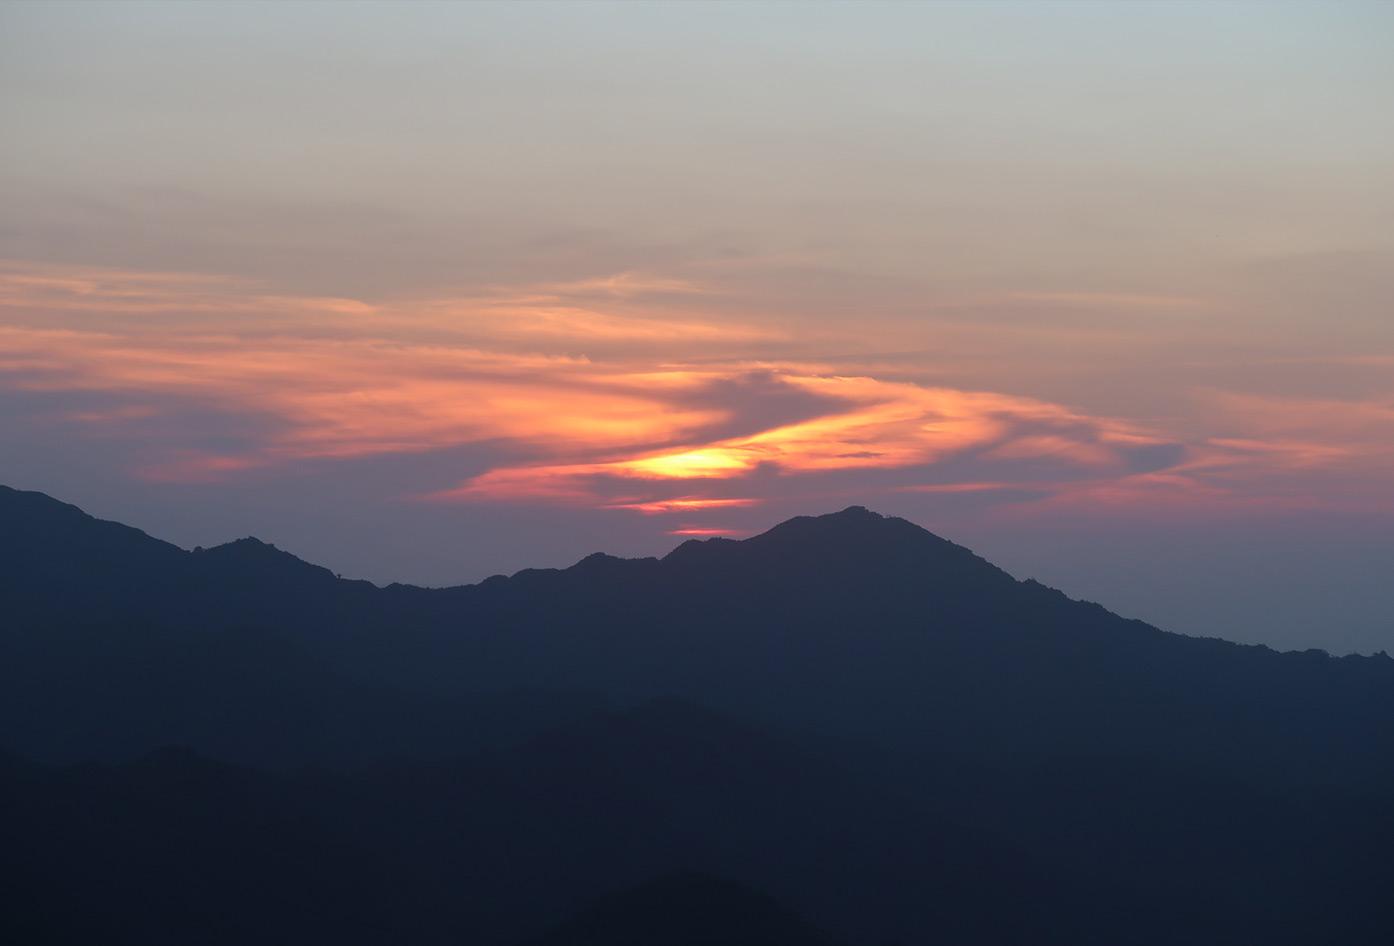 nuevo mundo sunset